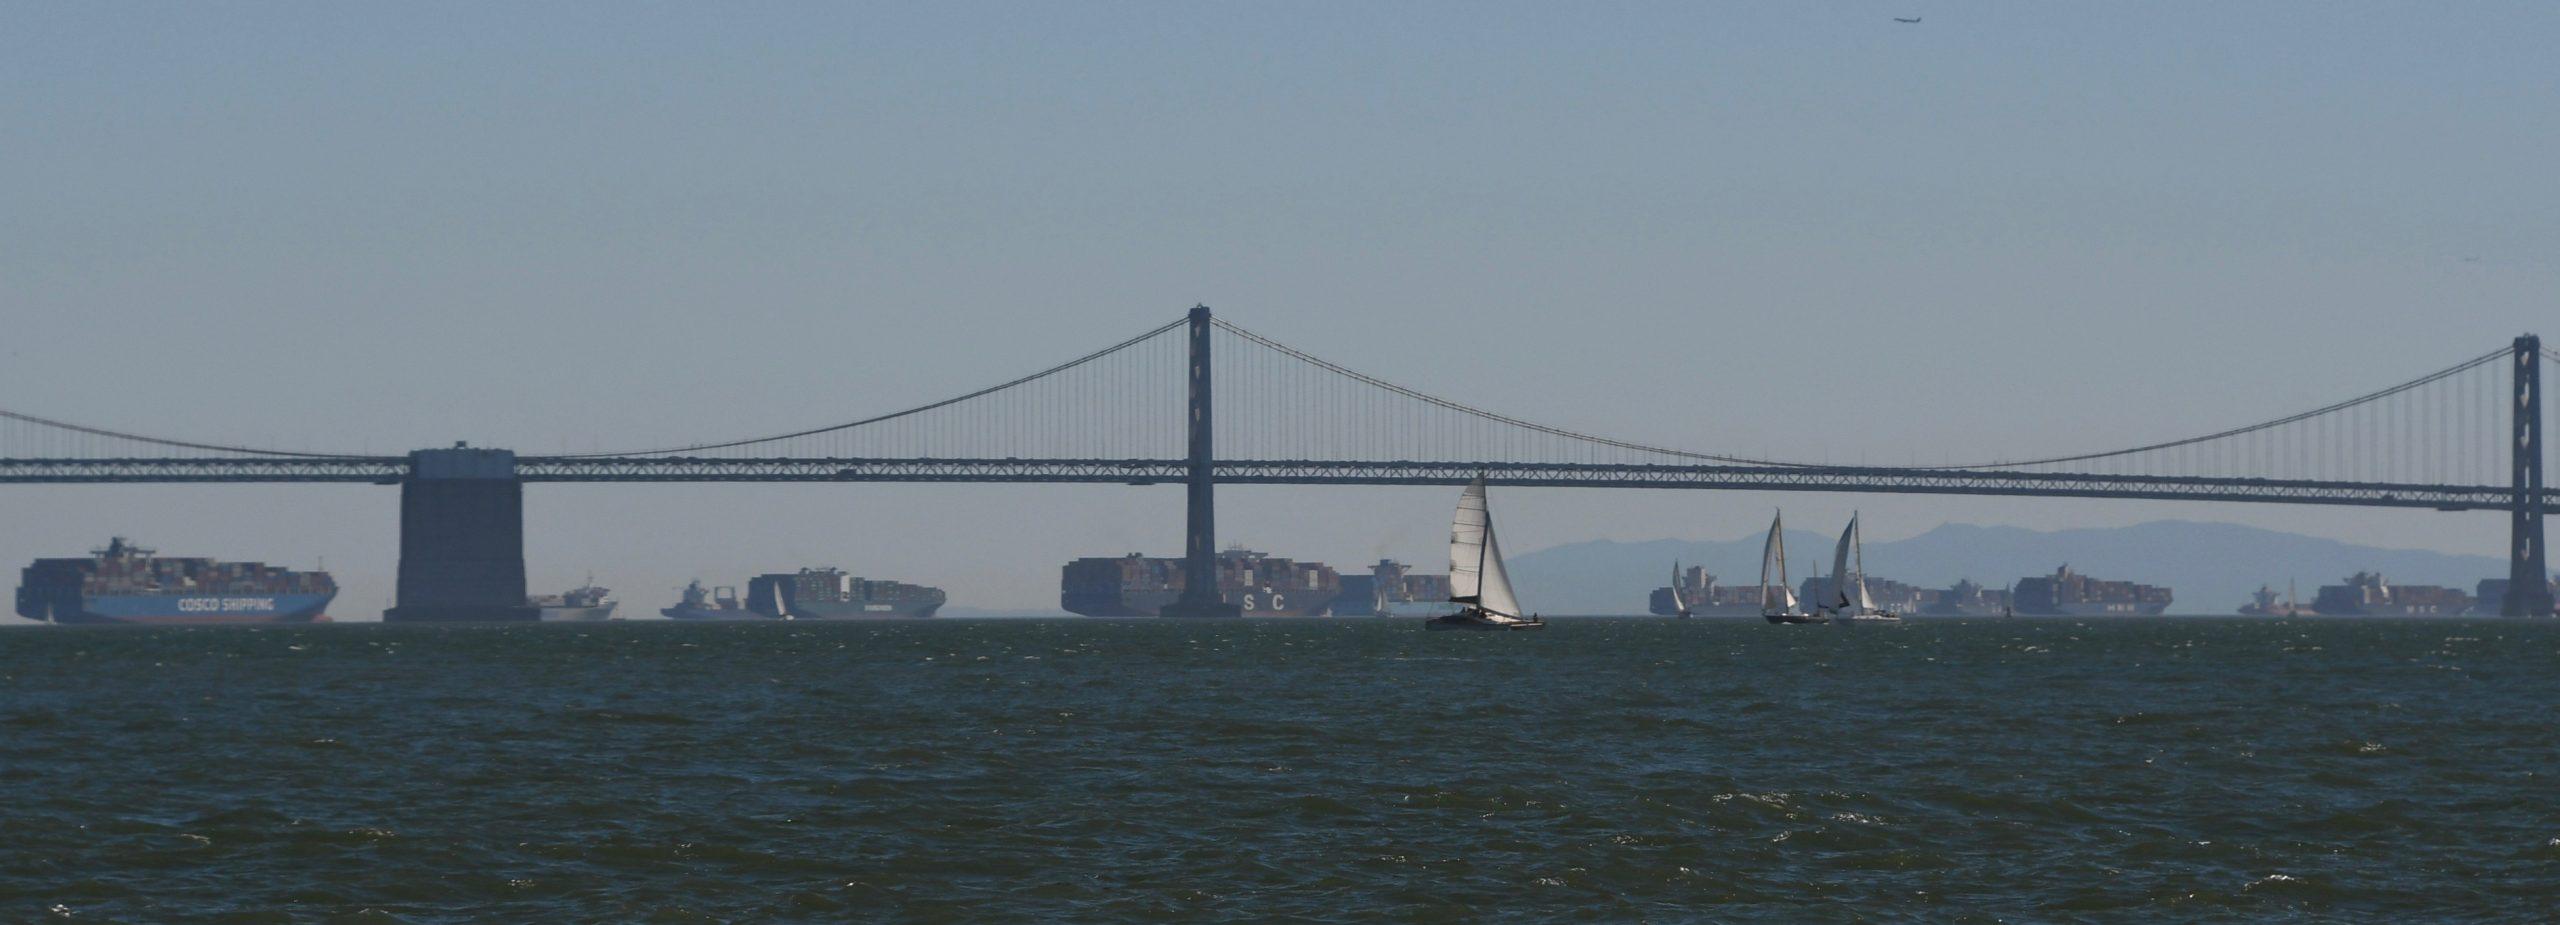 San Francisco South Bay Ships